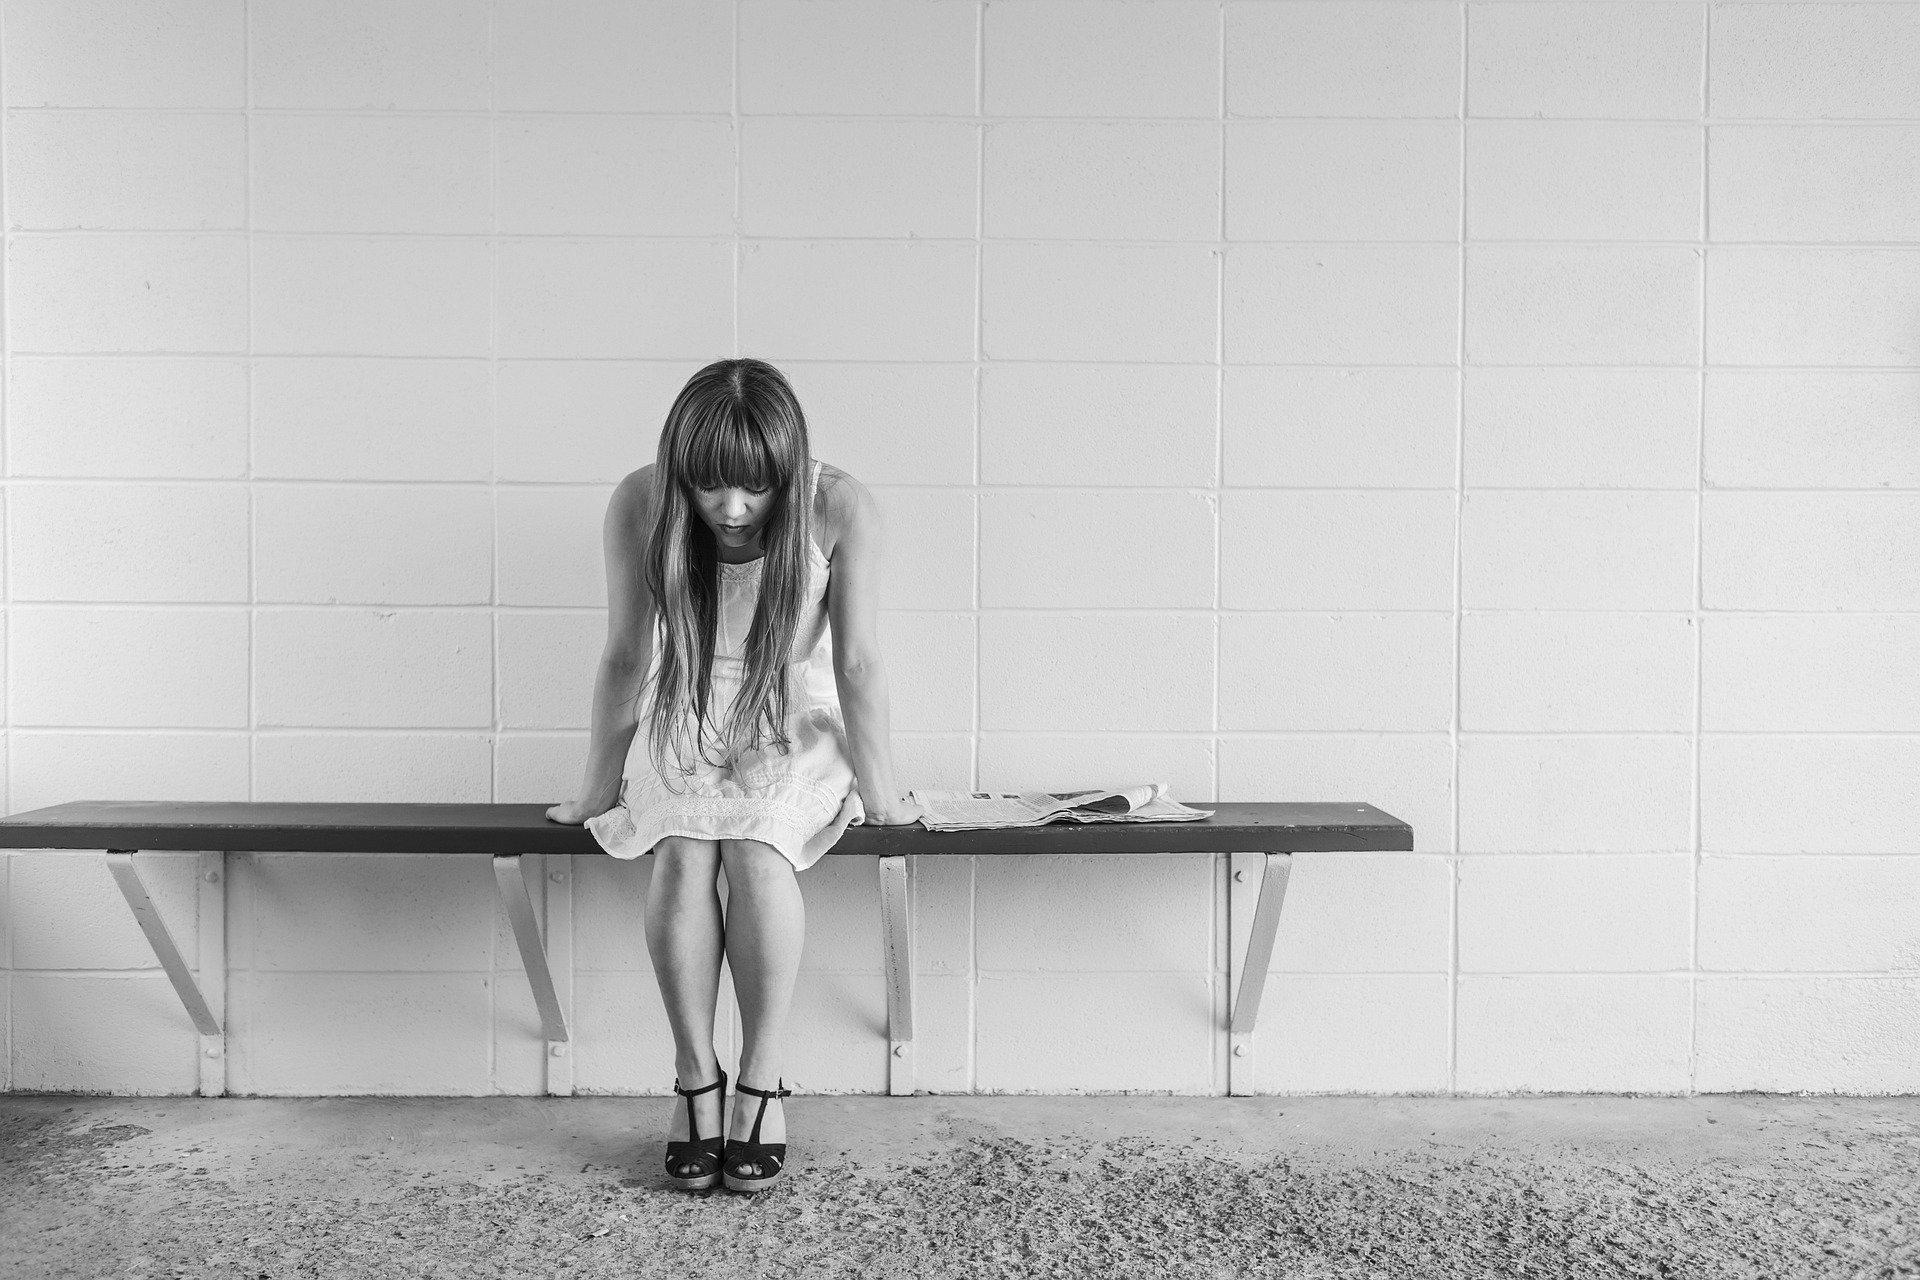 Své oběti šikana v dlouhodobém horizontu poškozuje i sociálně a ekonomicky: ti, kdo ji ve škole zažili, jsou o desítky let později častěji nezaměstnaní, mají nižší příjmy a jsou osamělejší.